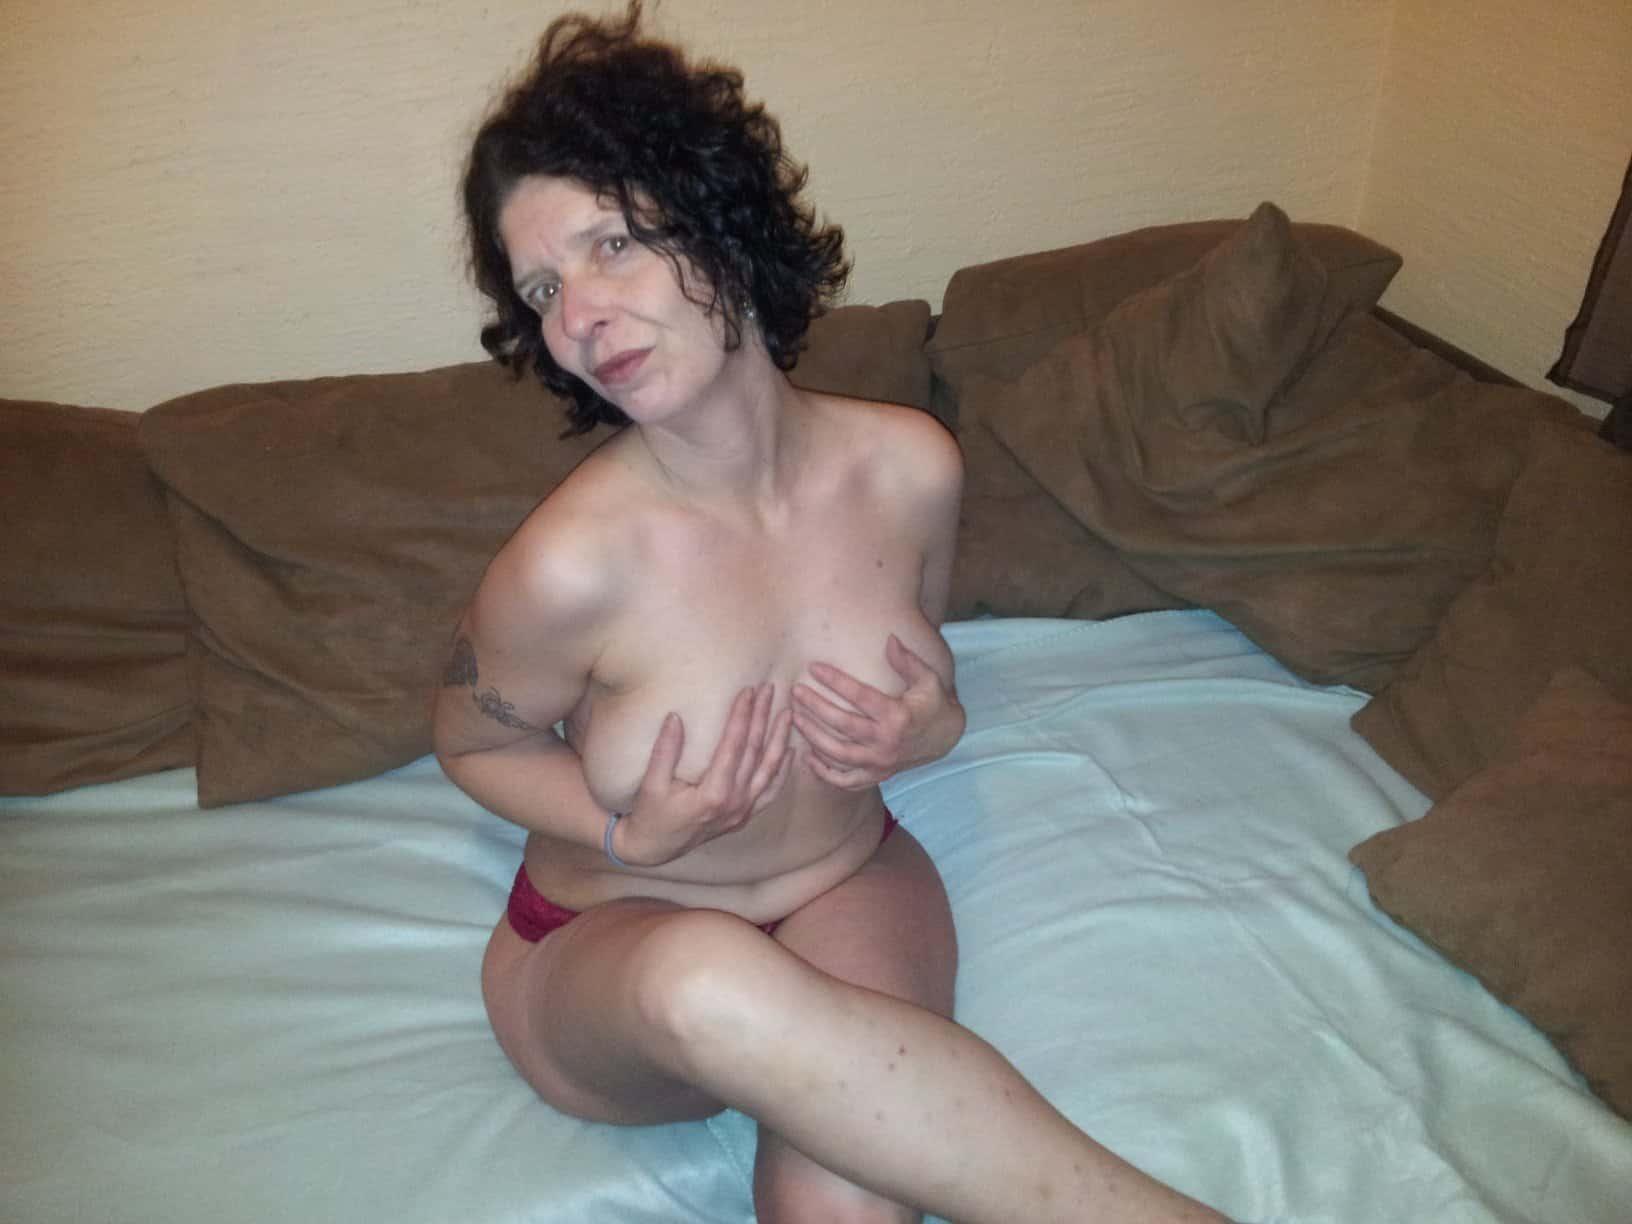 Tolle Bilder von Sexy-Noemi